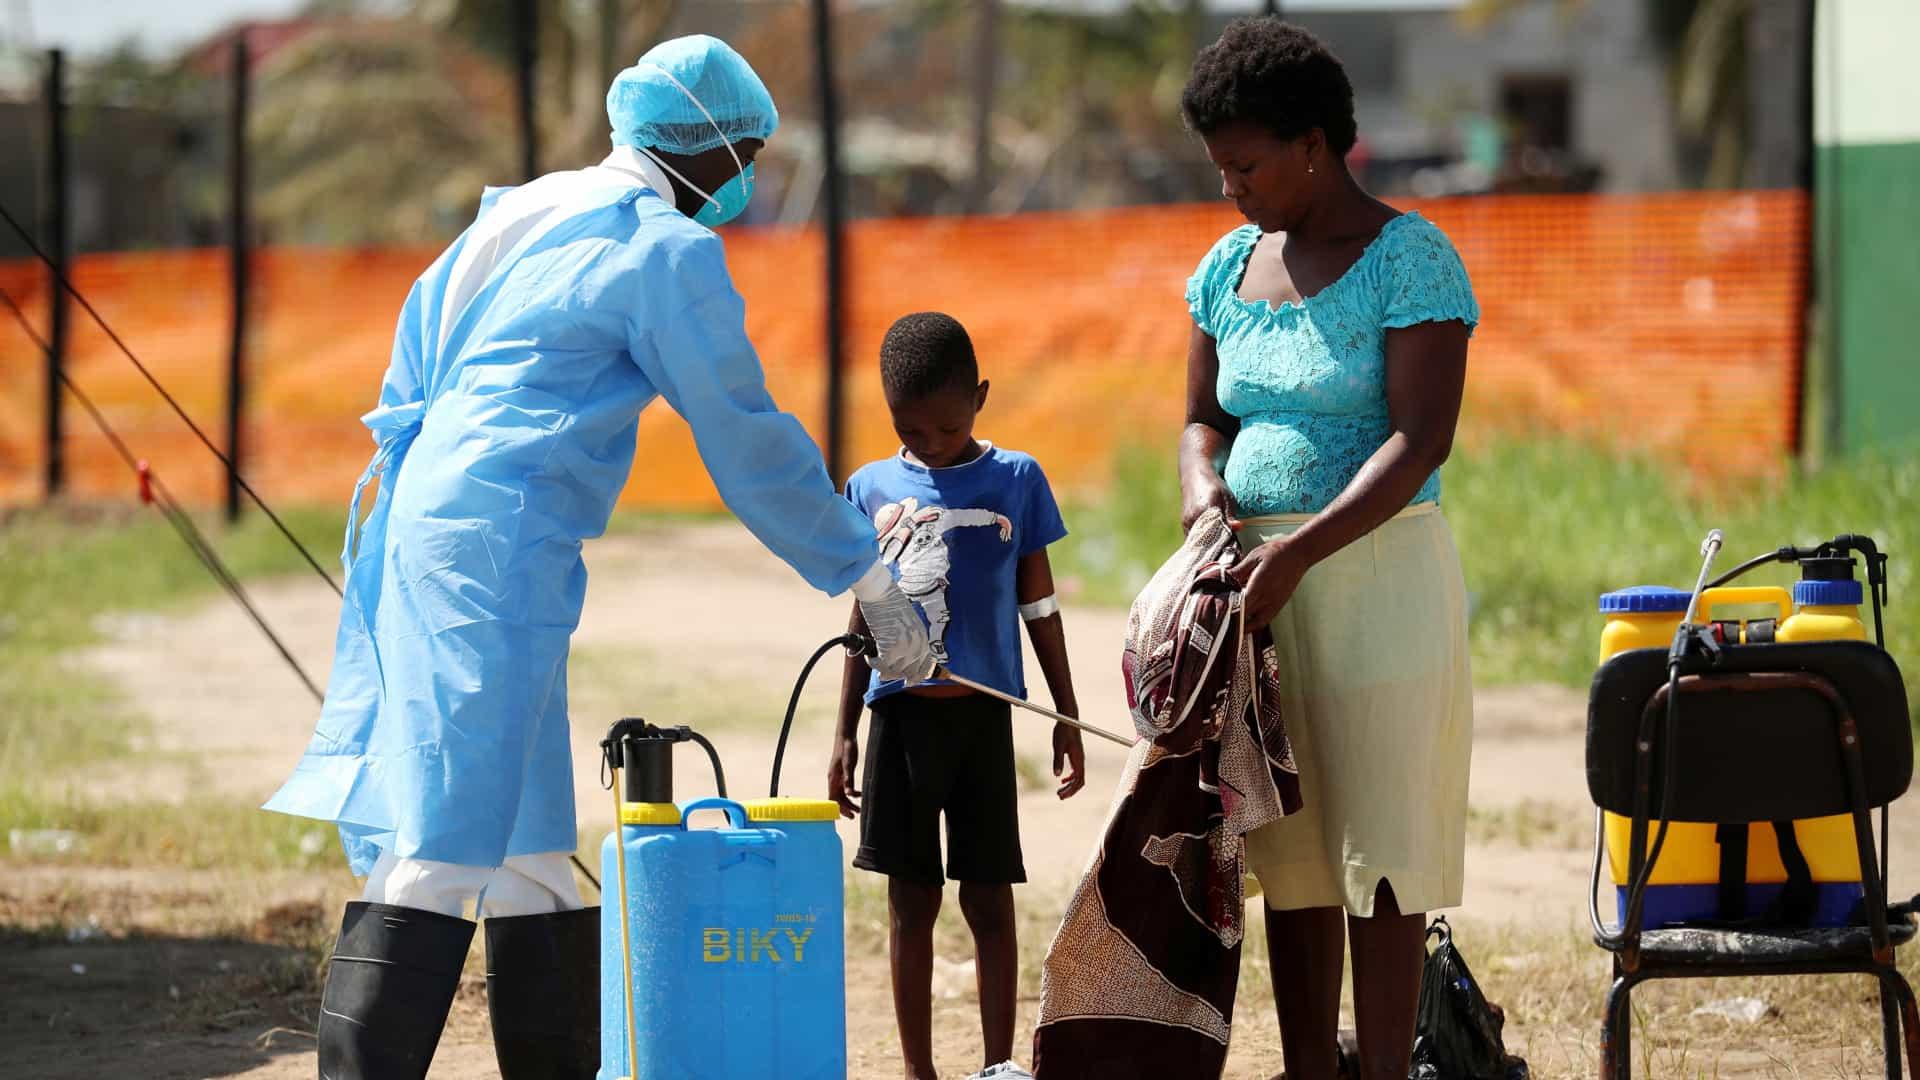 Casos de cólera em Moçambique chegam a 517 após passagem de ciclone